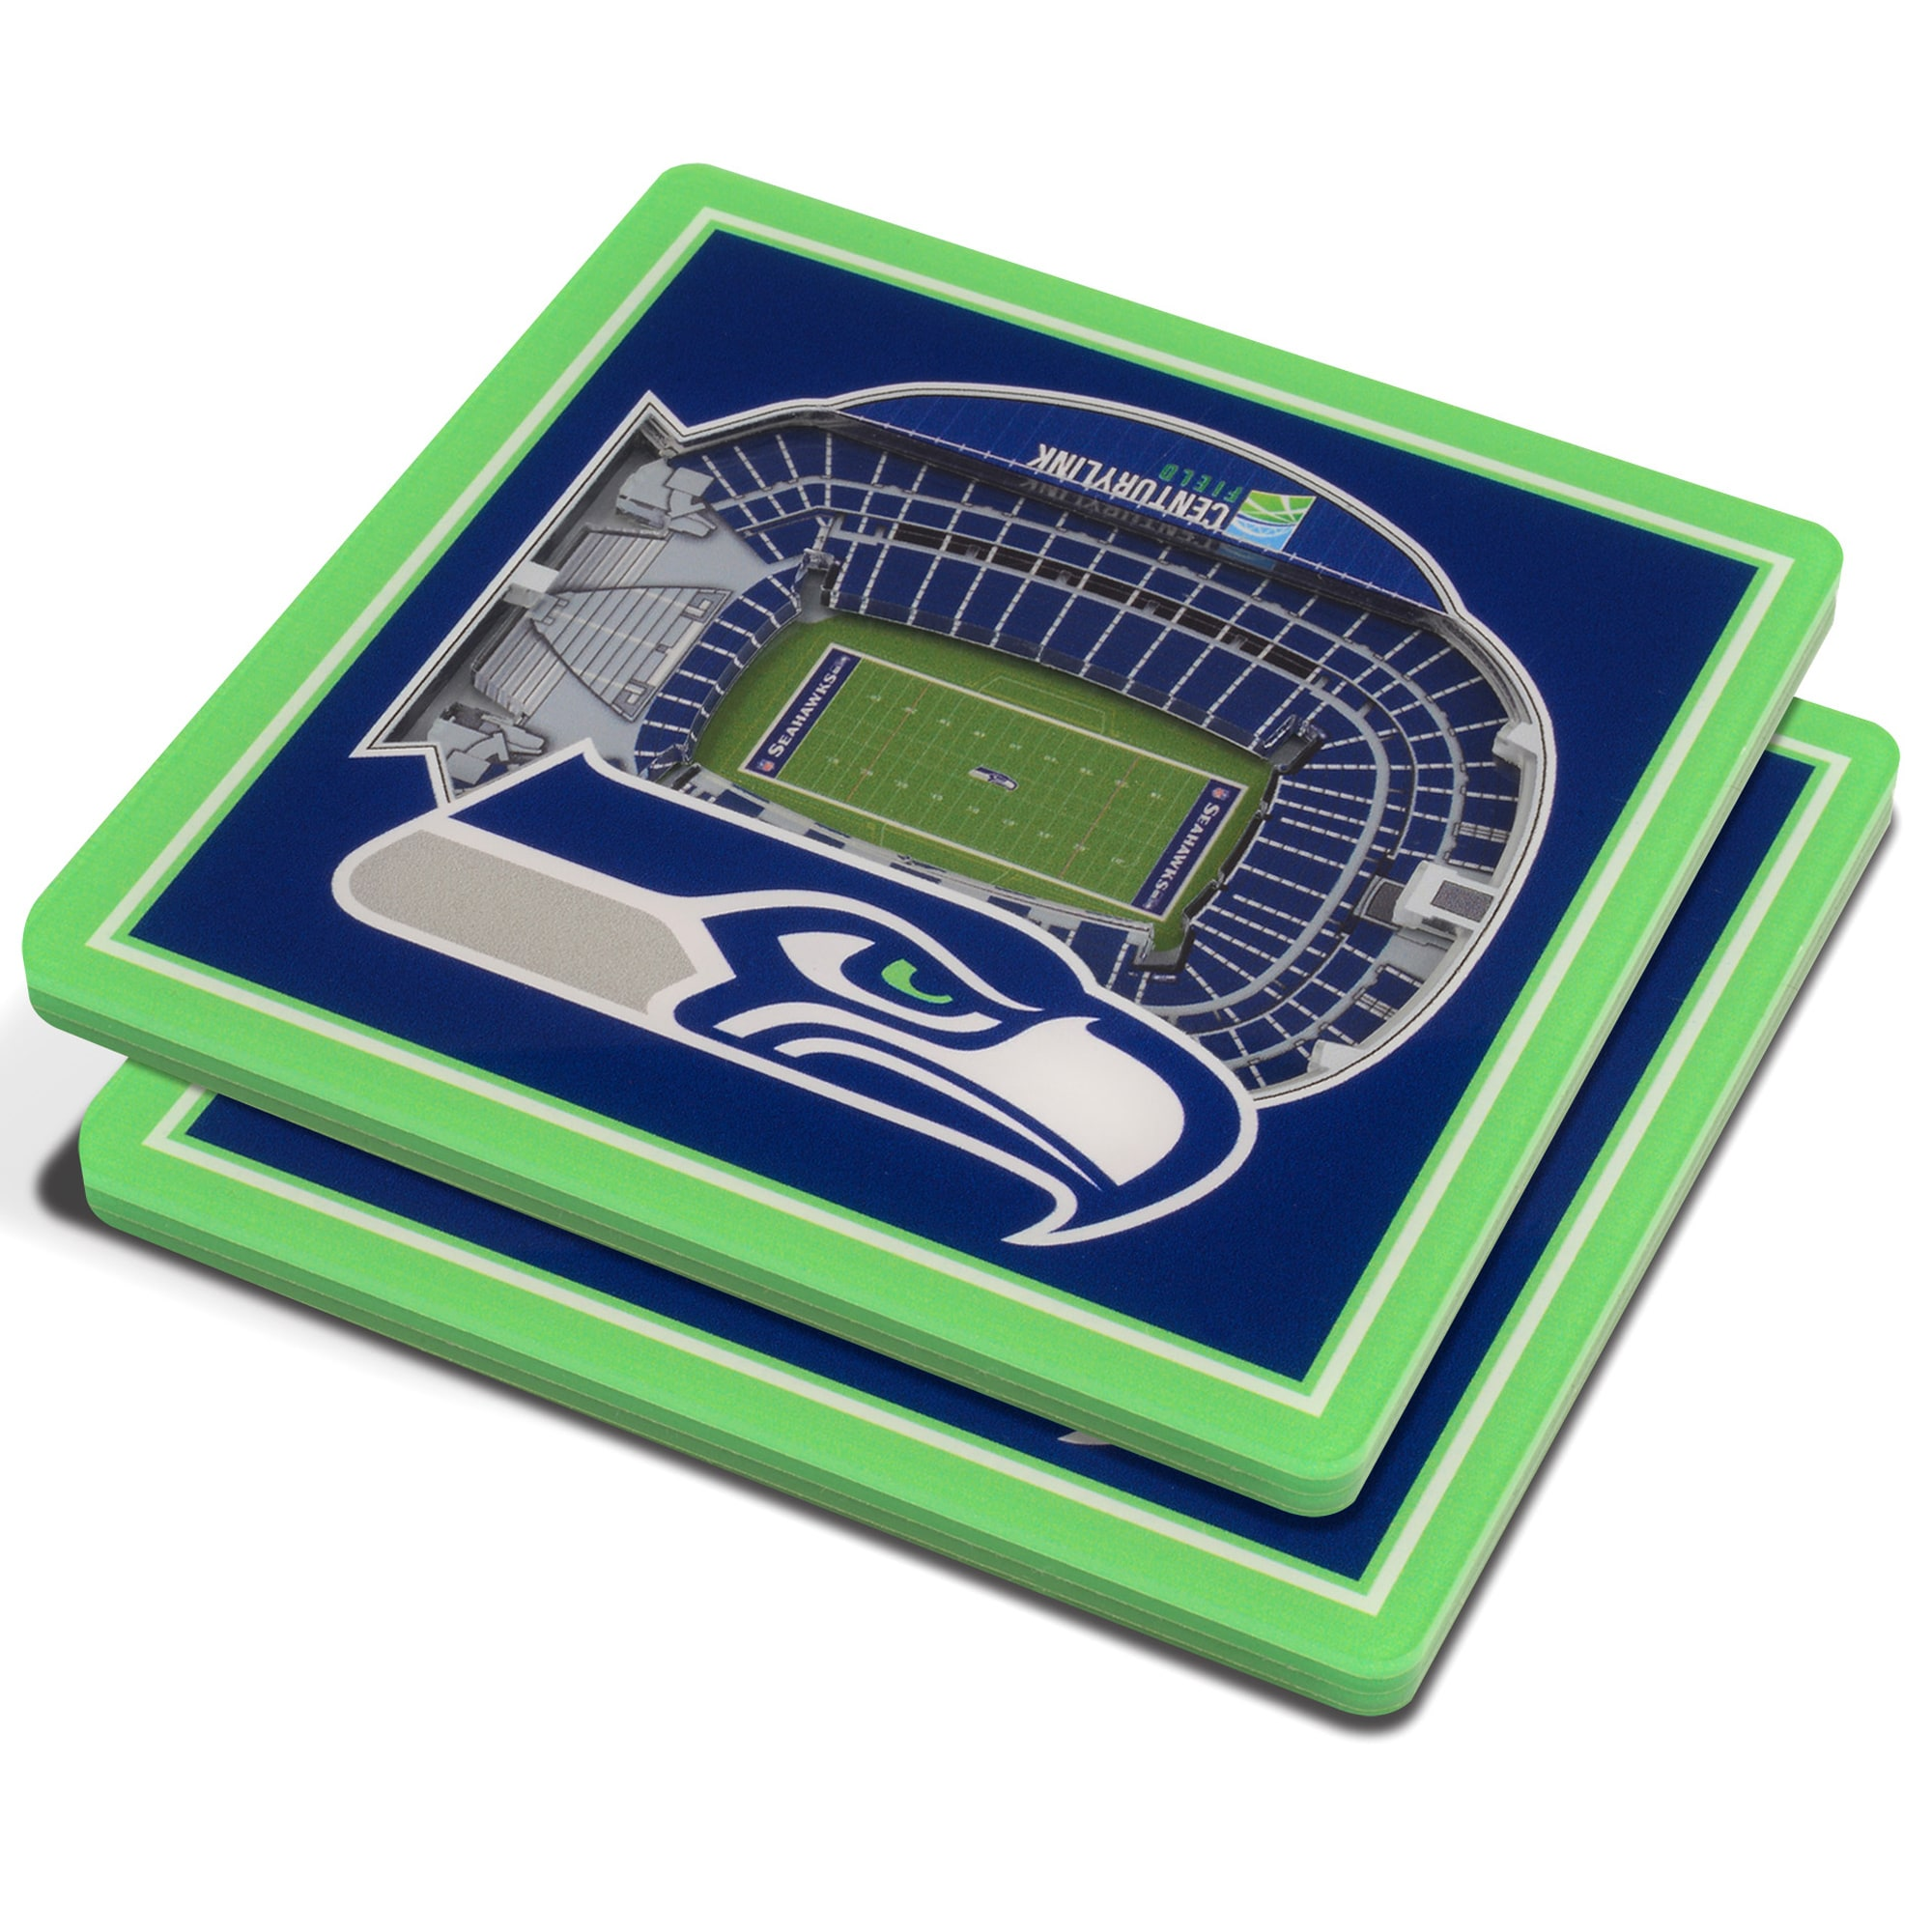 Seattle Seahawks 3D StadiumViews Coasters - Blue